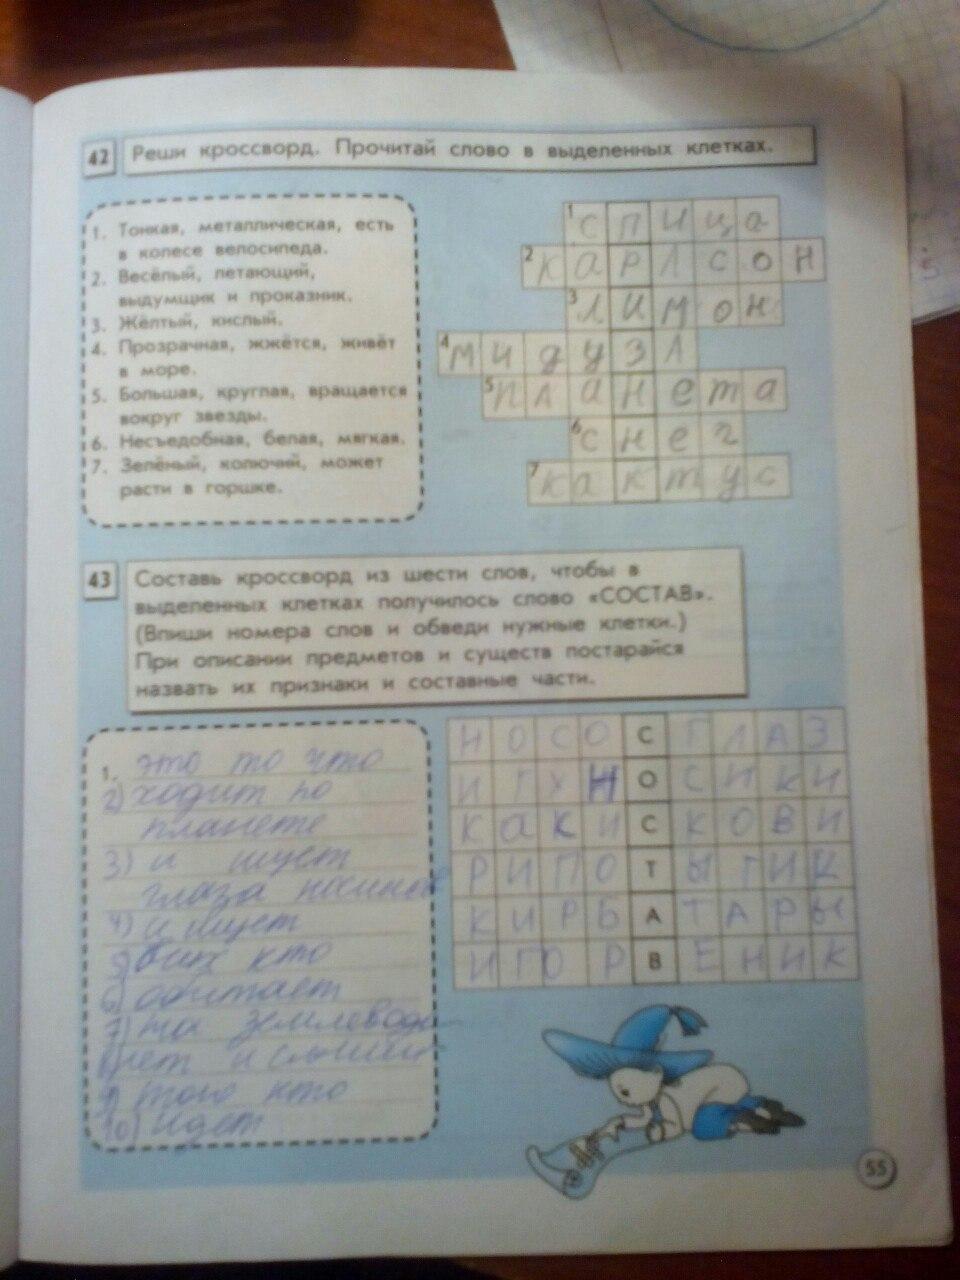 Гдз информатика 4 класс горячев учебник